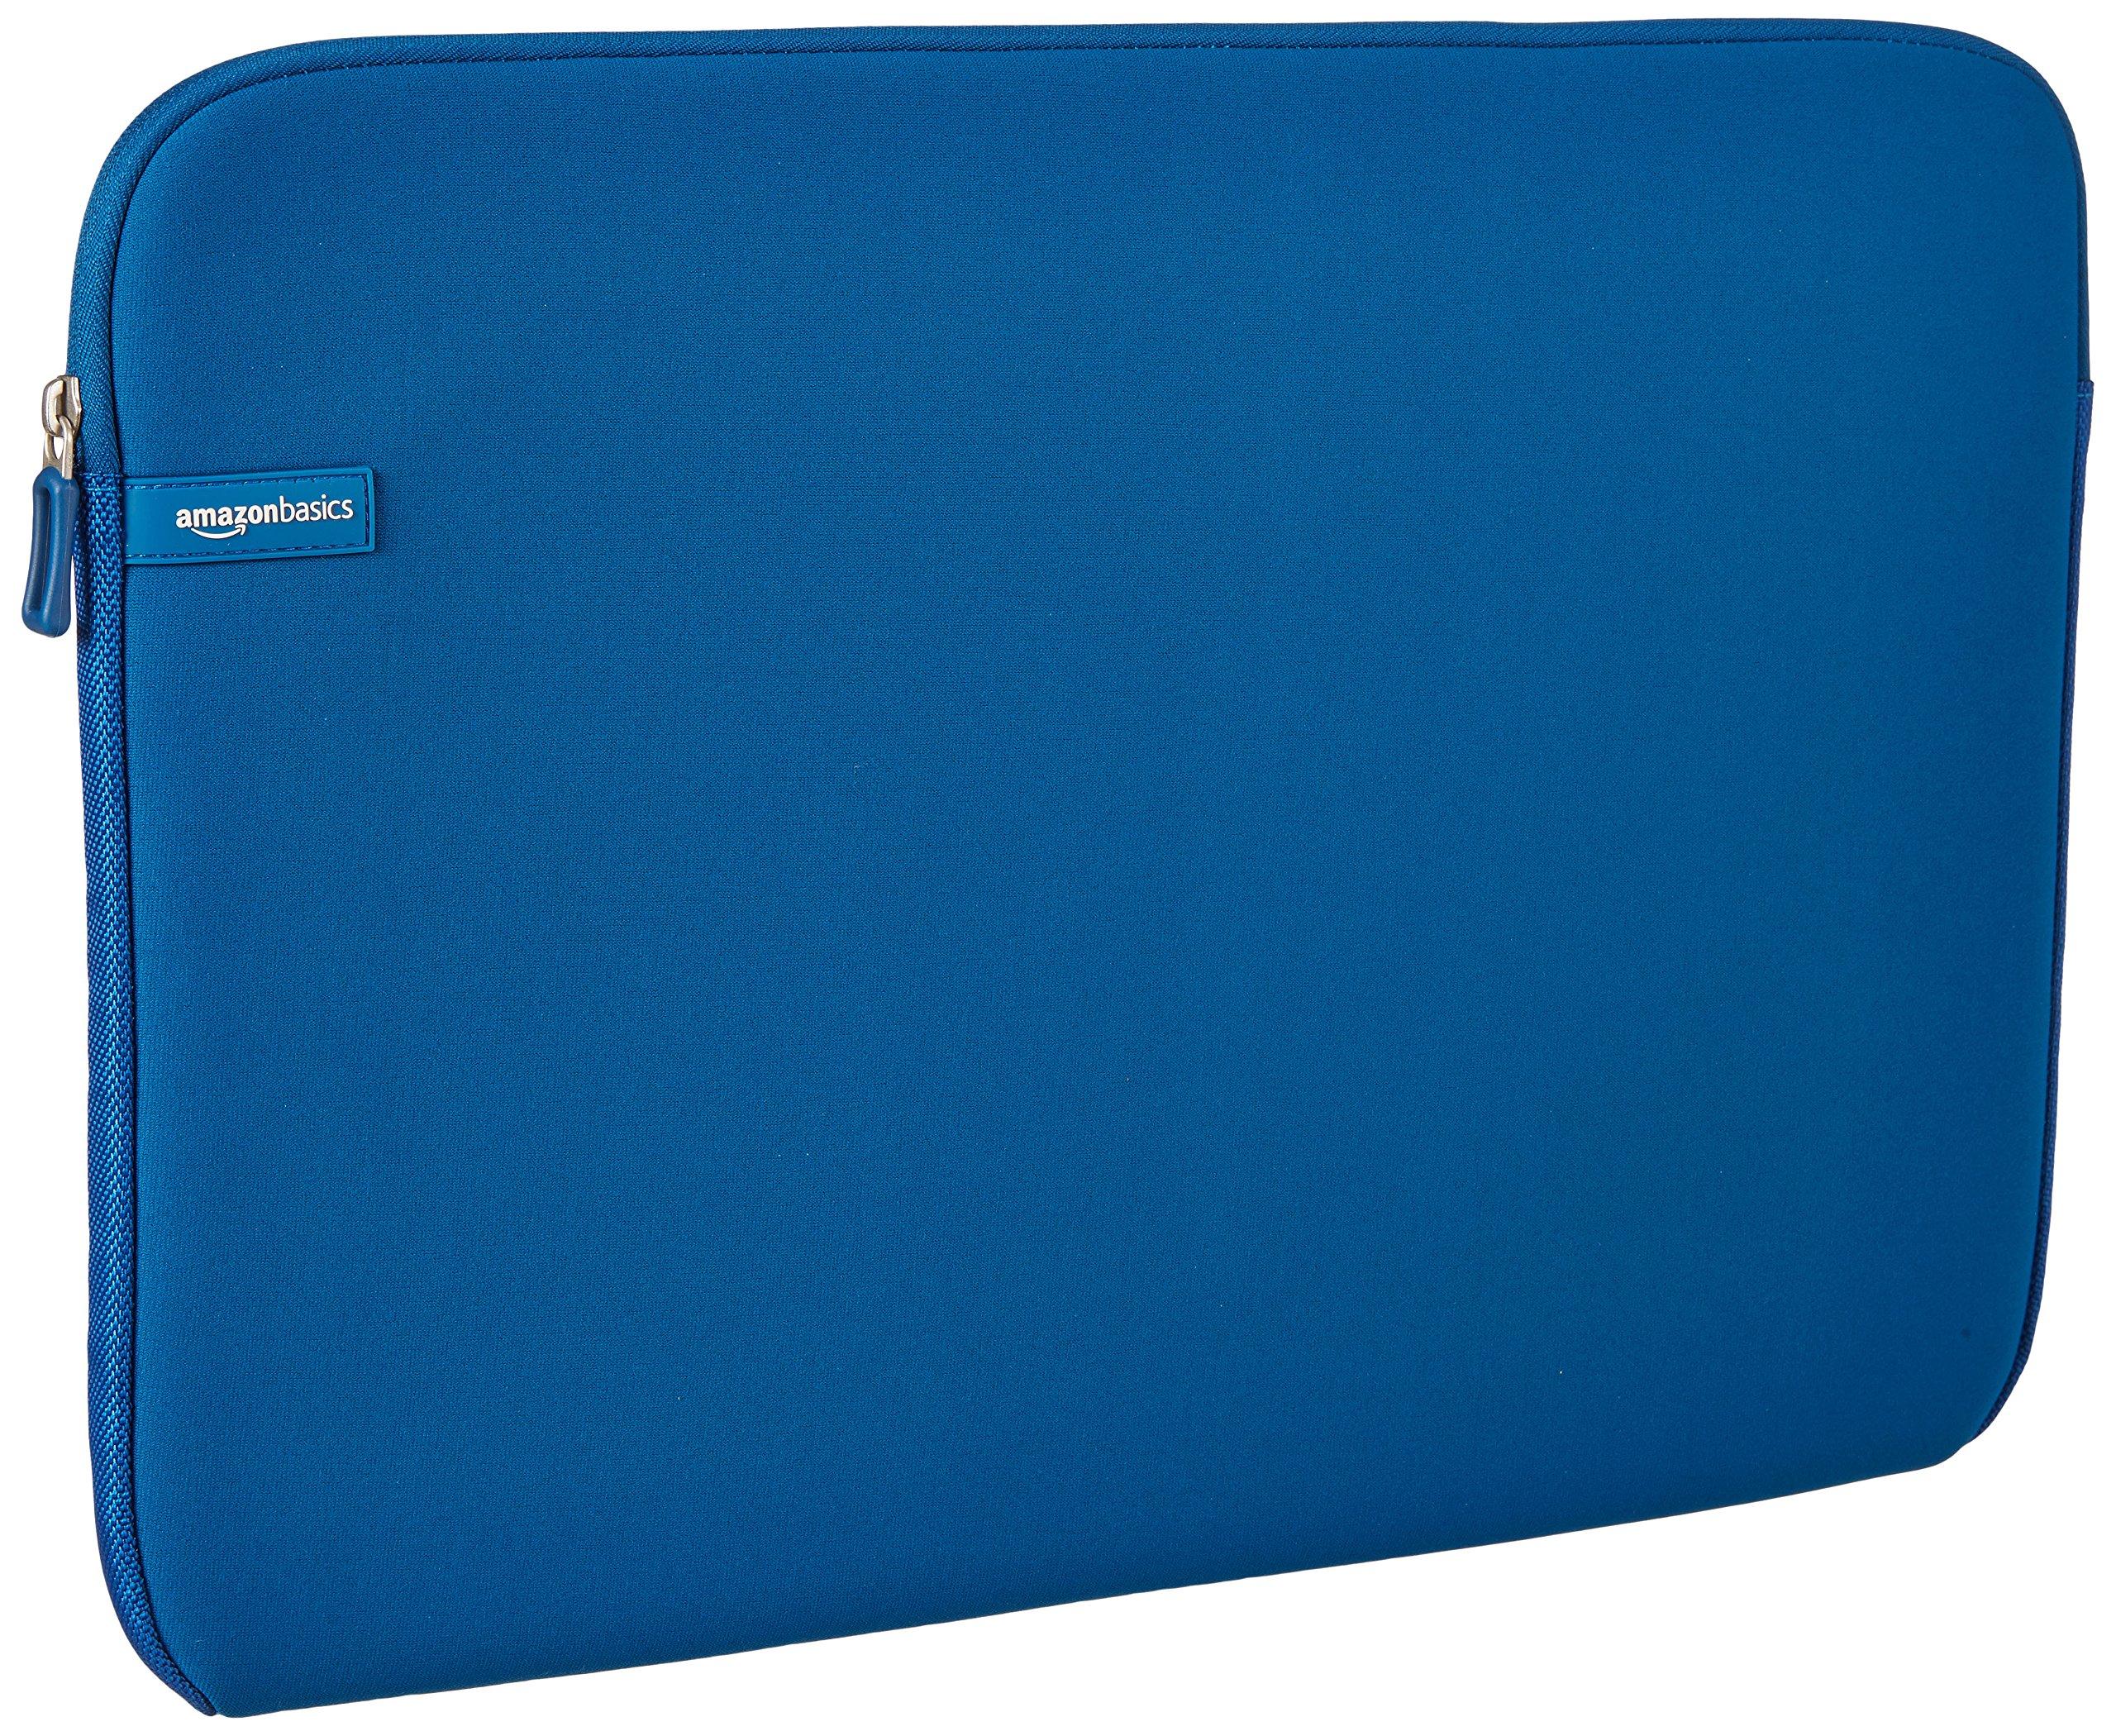 AmazonBasics 17.3-Inch Laptop Sleeve - Blue